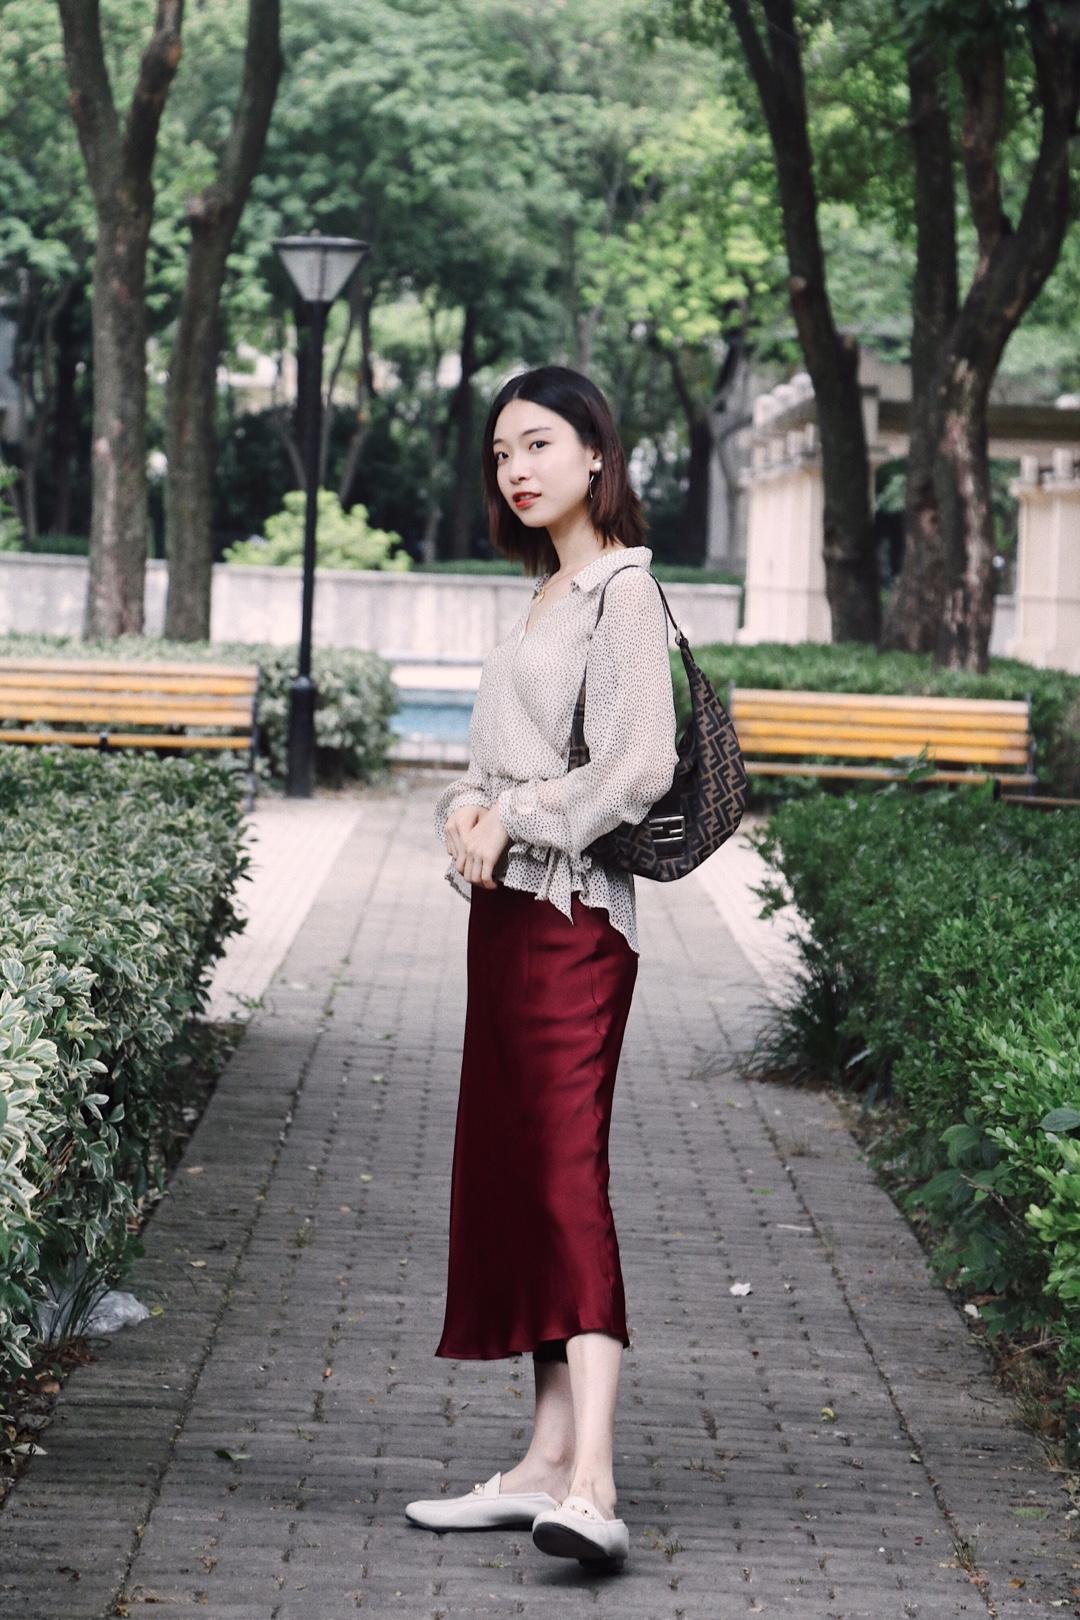 米色系波点衫搭配酒红色半裙,是温婉气质的一身了~ @蘑菇街官方  #最美女同事的穿衣经get#